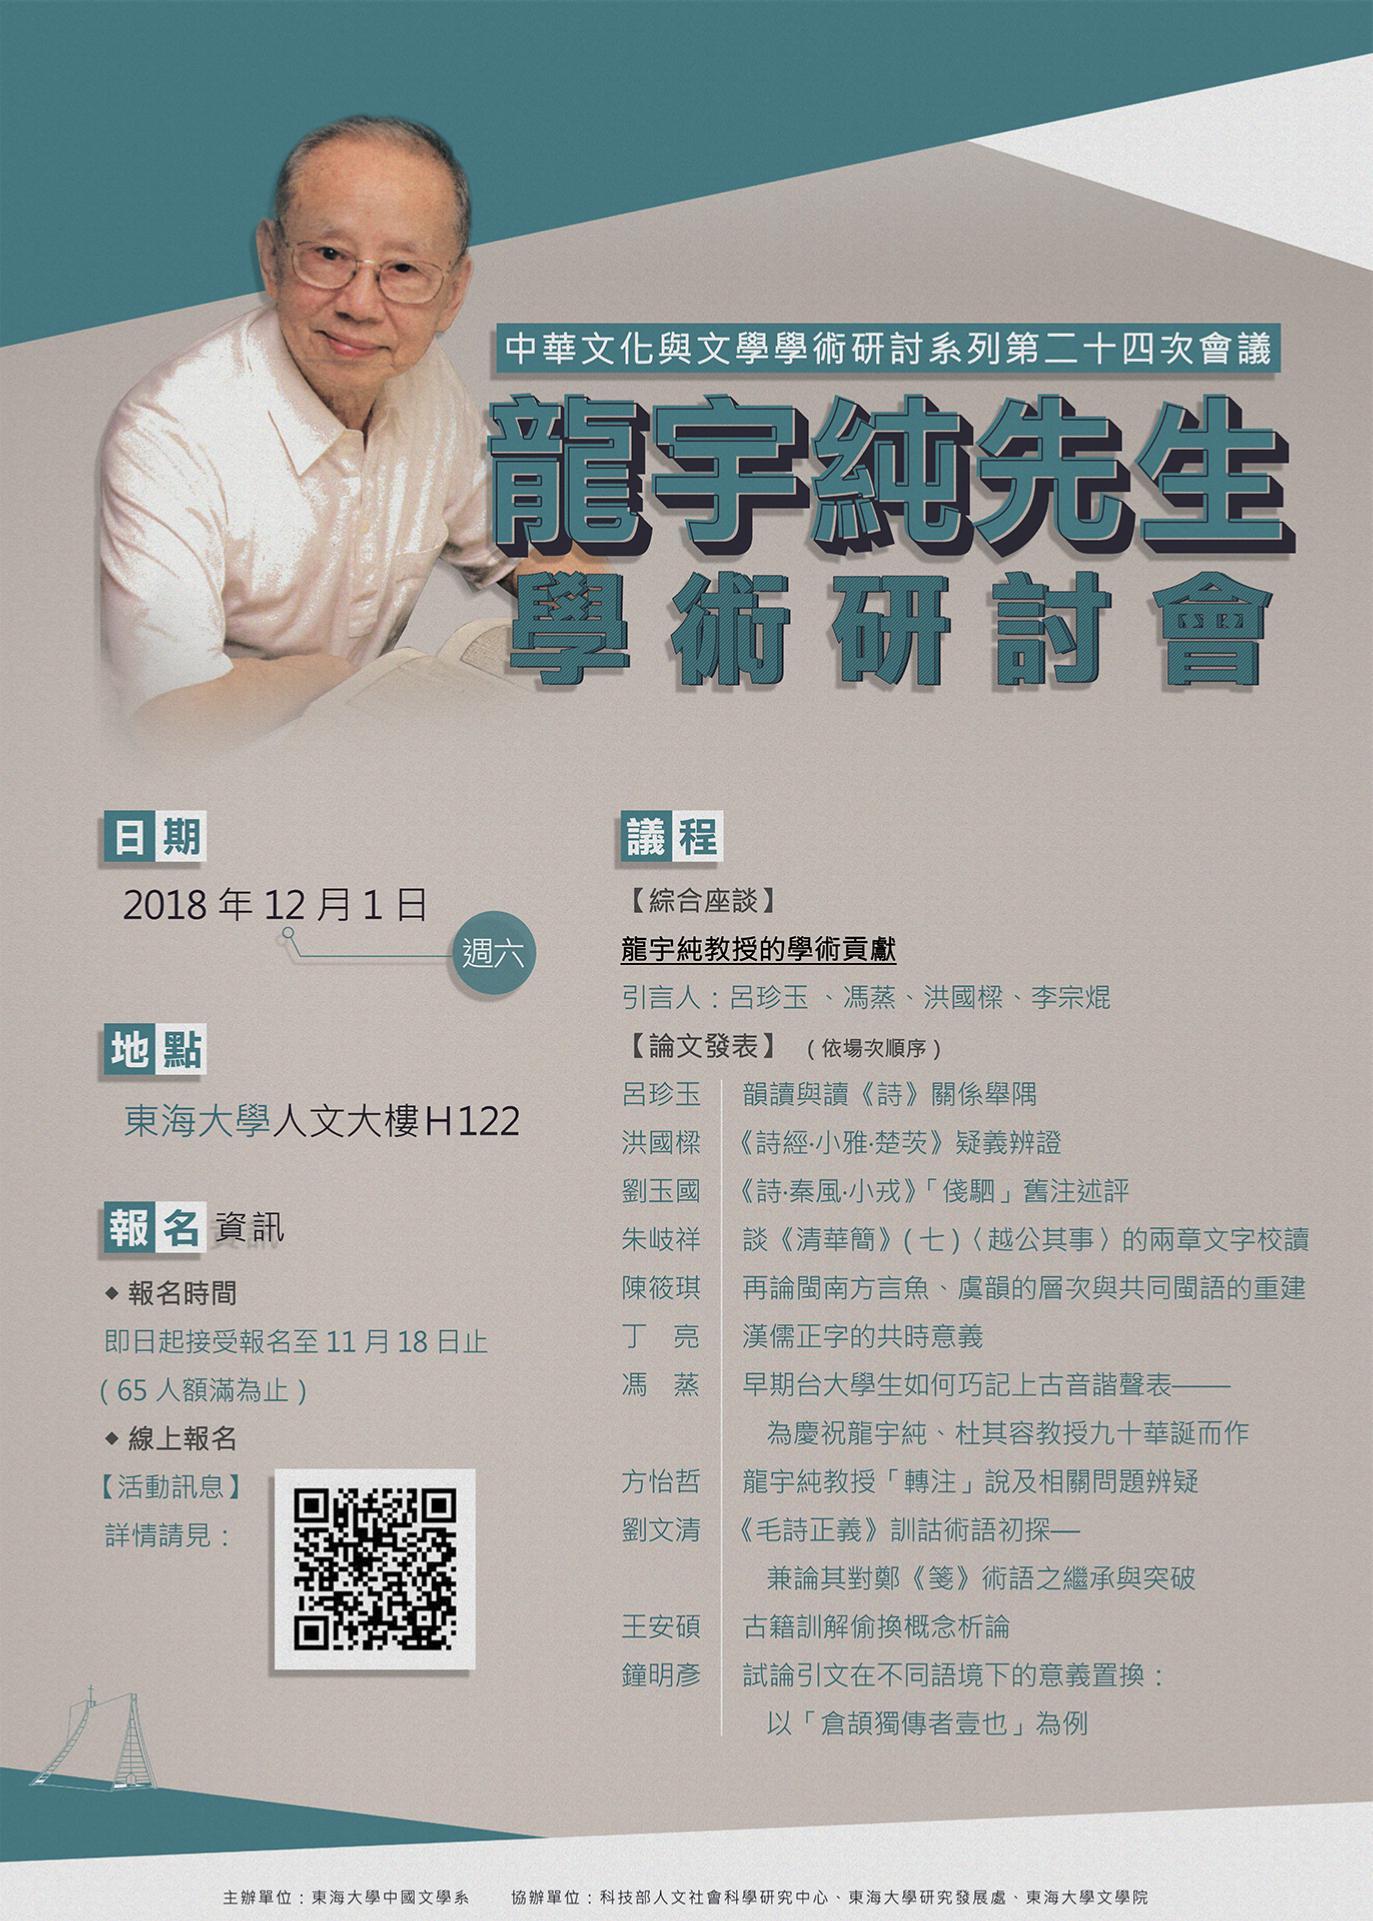 龍宇純學術研討會